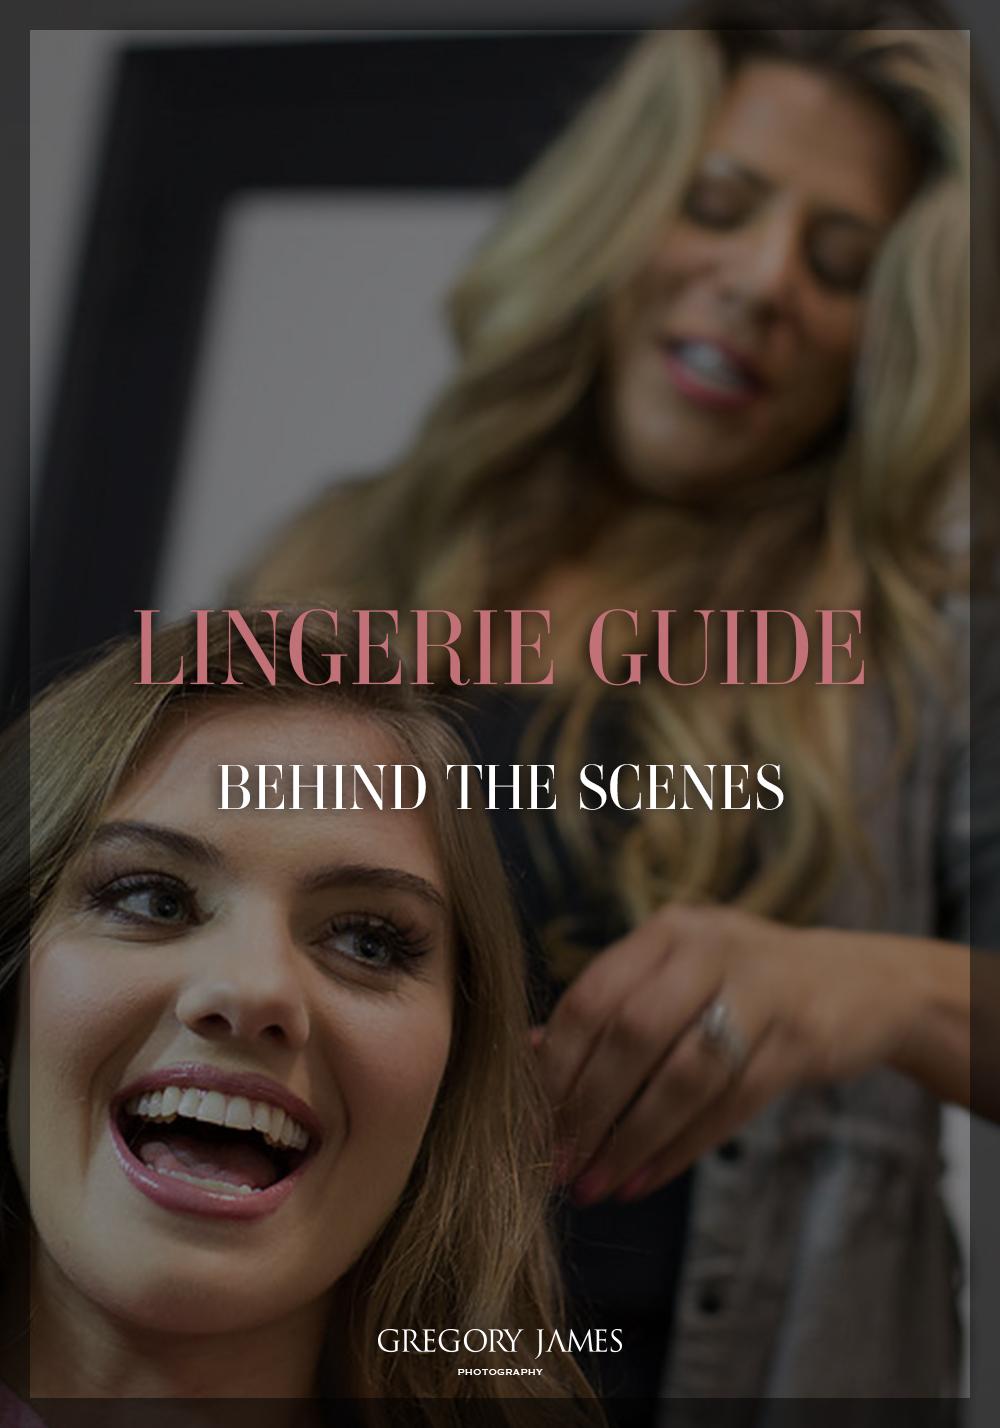 2016_lingerie_guide_bts.jpg